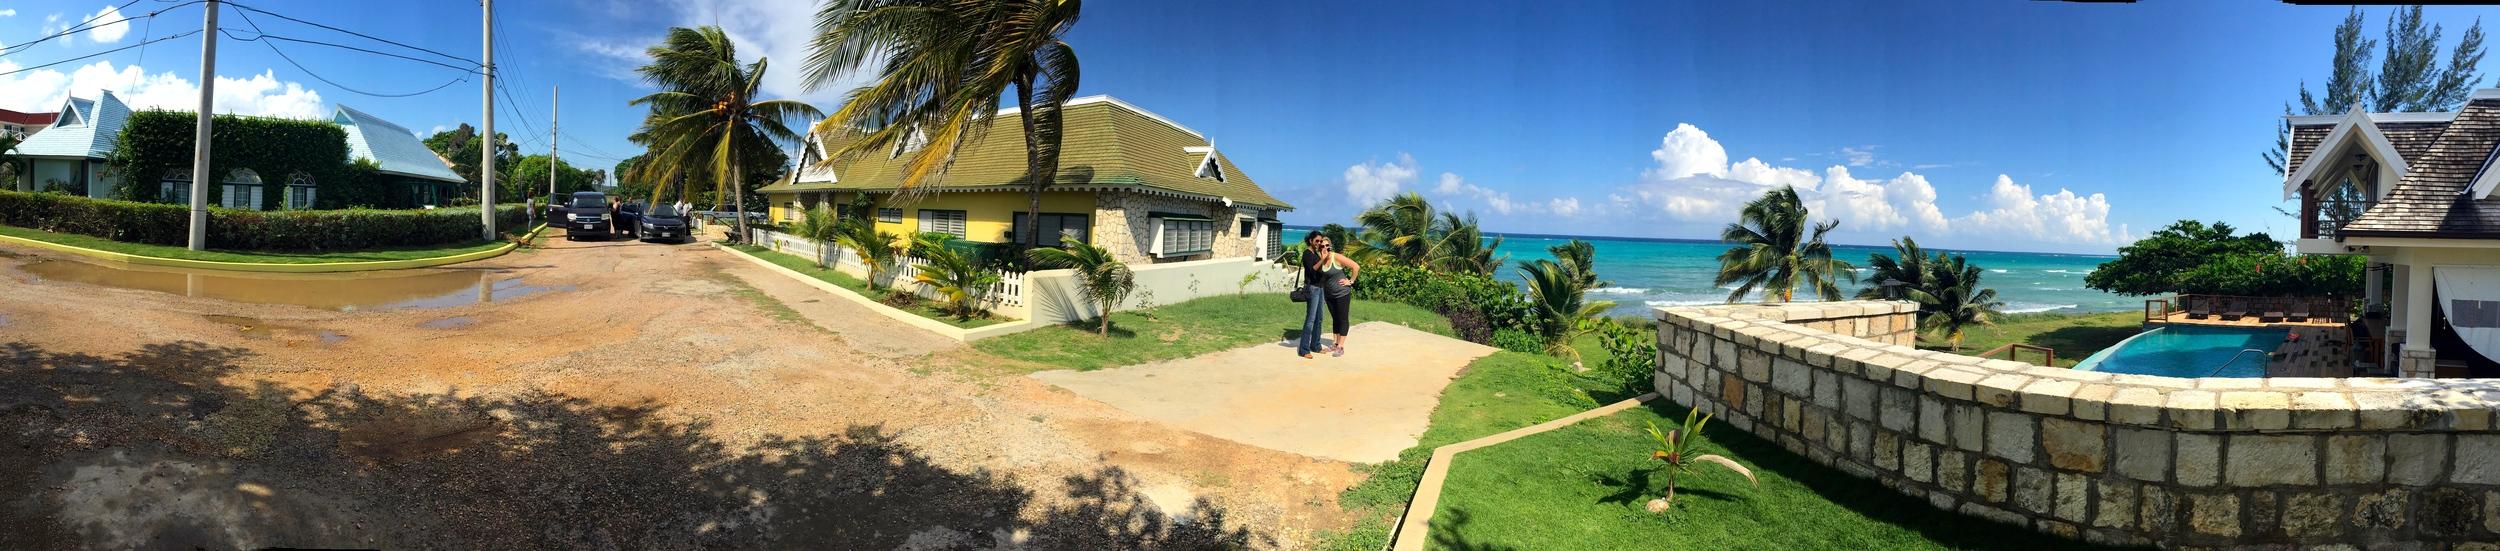 Jamaica 2014 Group 3_111.JPG